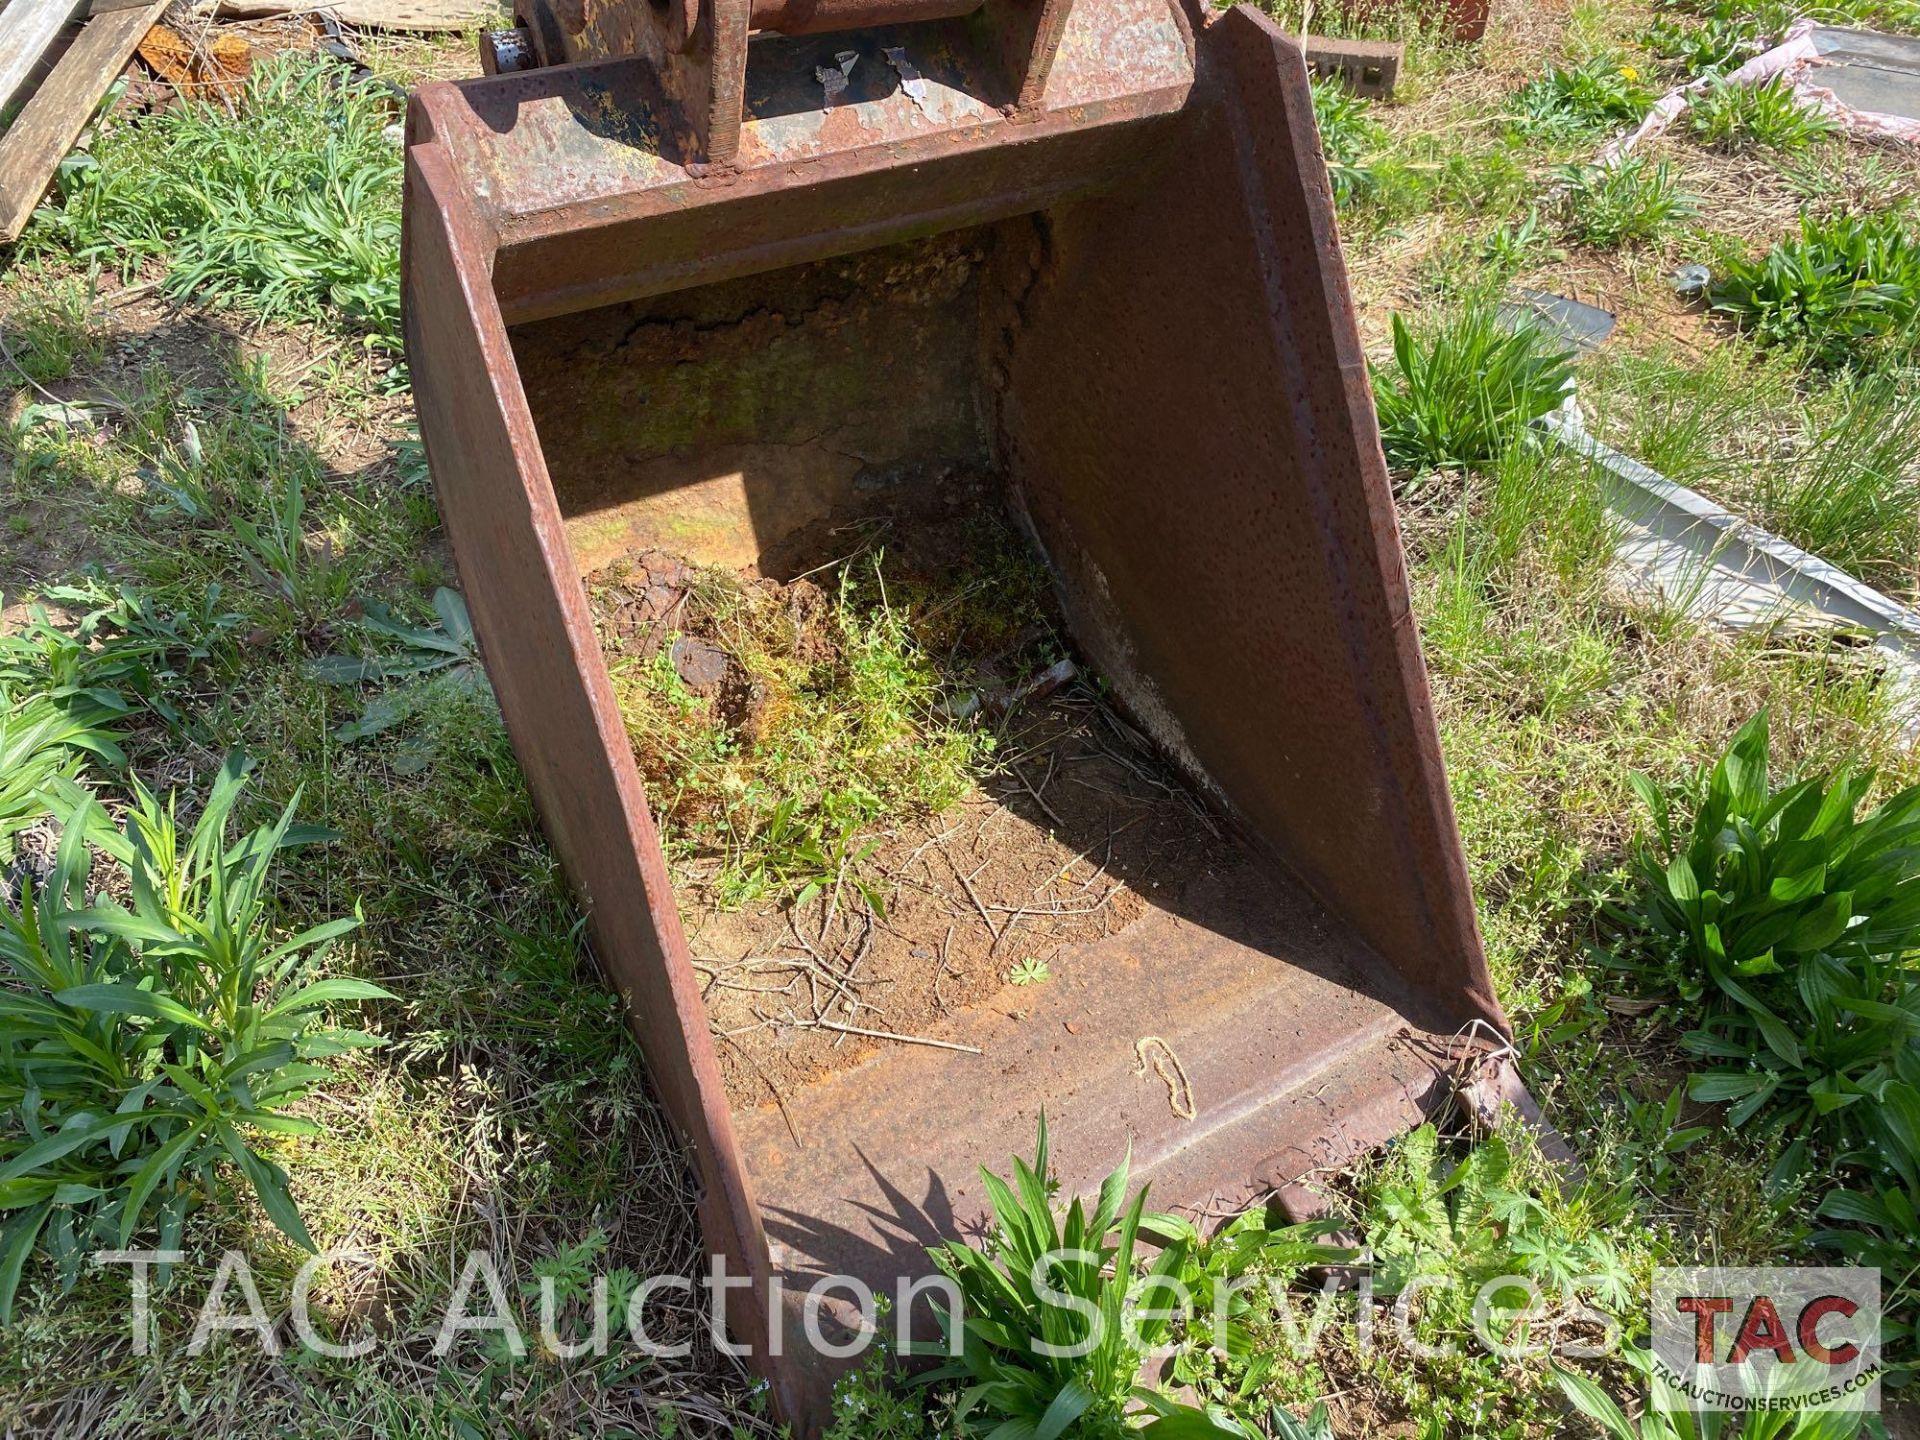 Massey Ferguson 50C Loader Backhoe - Image 8 of 45